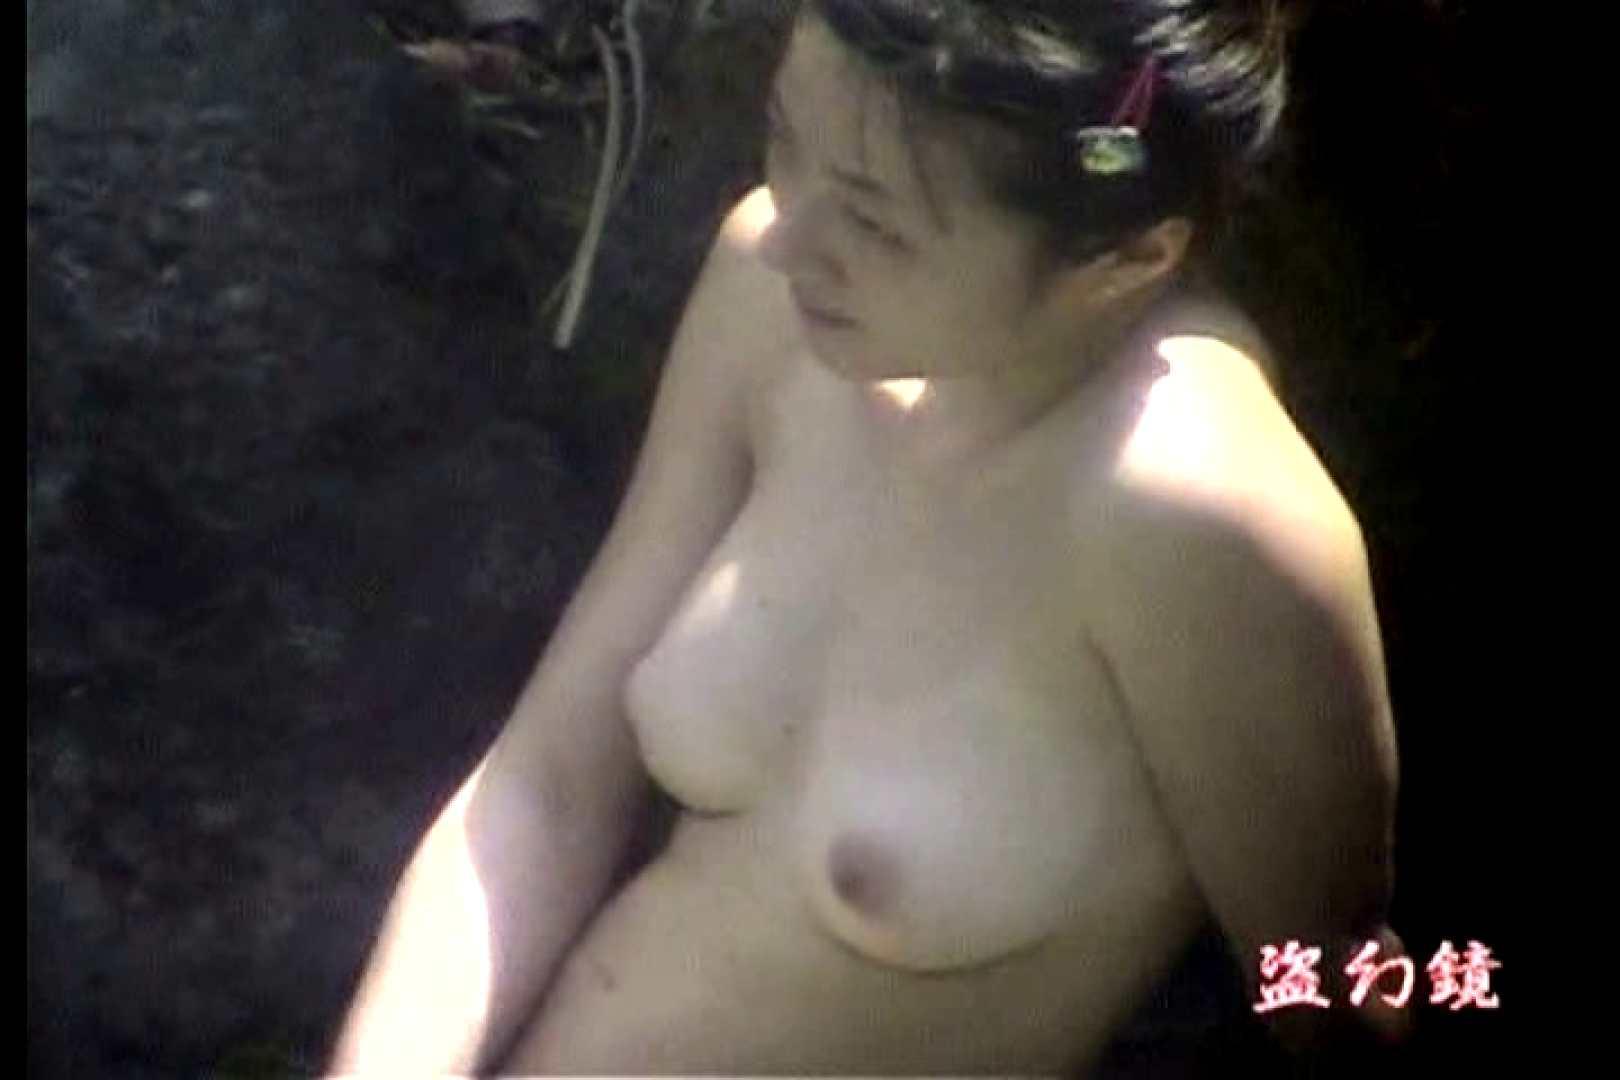 白昼の浴場絵巻 美女厳選版 DKY-04 美女  53連発 4